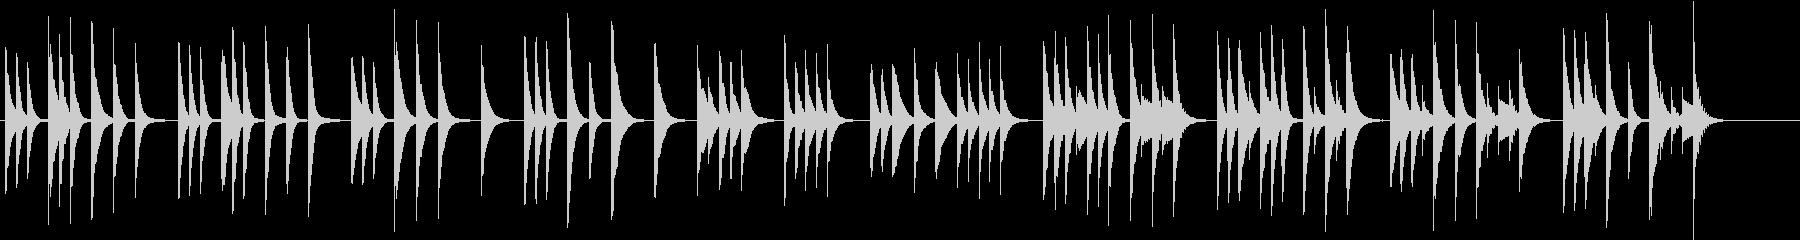 木琴の音色で作ったほのぼのとした短めの曲の未再生の波形